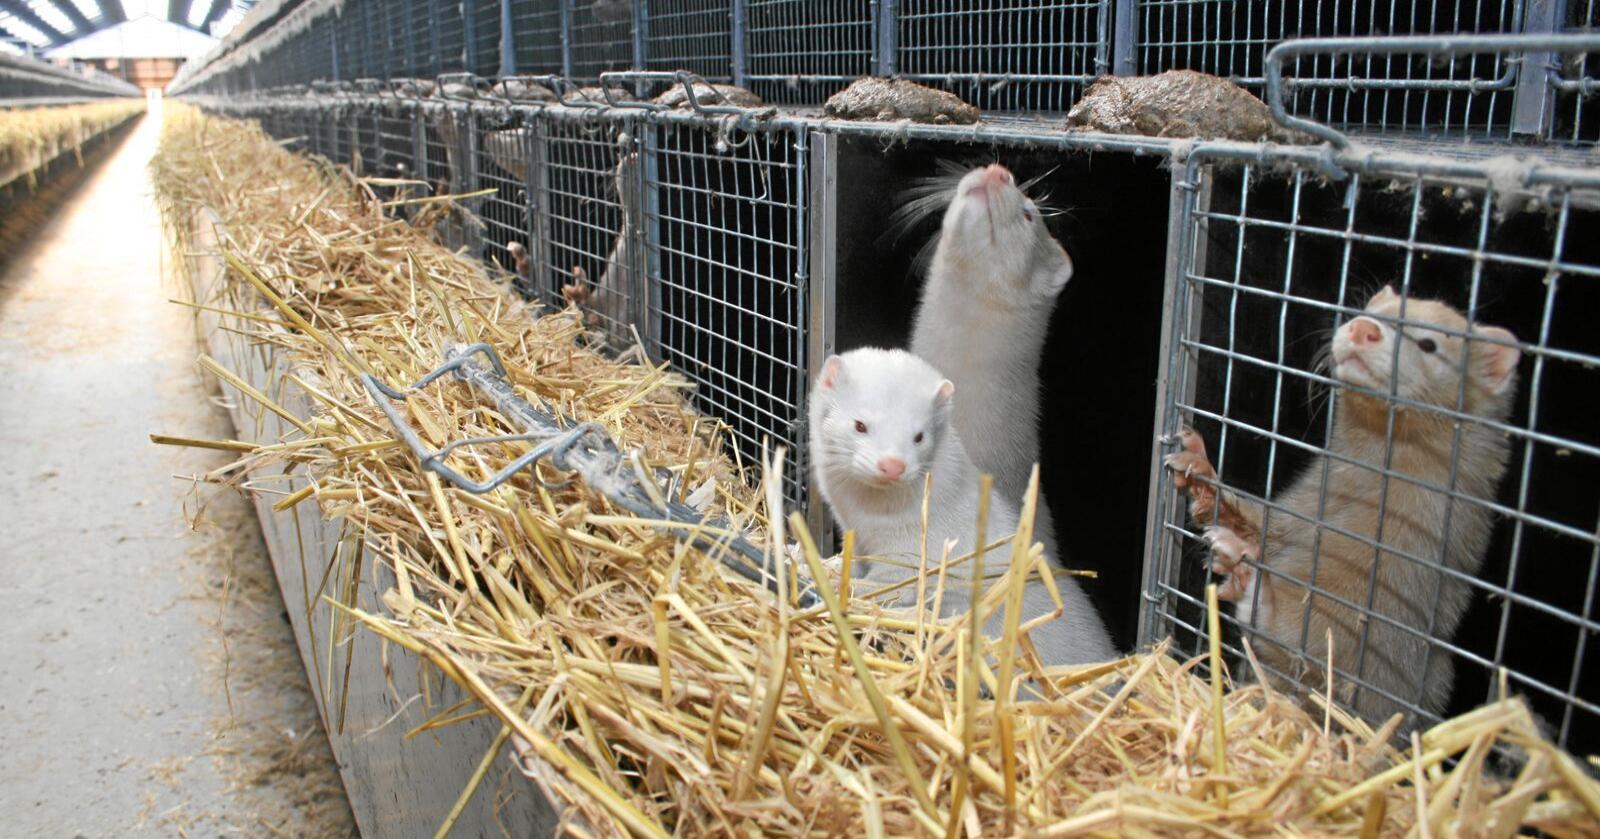 Flere minkfarmer i Nederland er sanert etter koronasmitte hos dyrene, og parlamentet har nå besluttet å fremskynde avviklingen av pelsdyrhold. Landbruks- og matminister Olaug Bollestad vil ikke gjøre det samme i Norge. Bildet er fra en pelsfarm på Jæren. Foto: Bjarne Bekkeheien Aase.